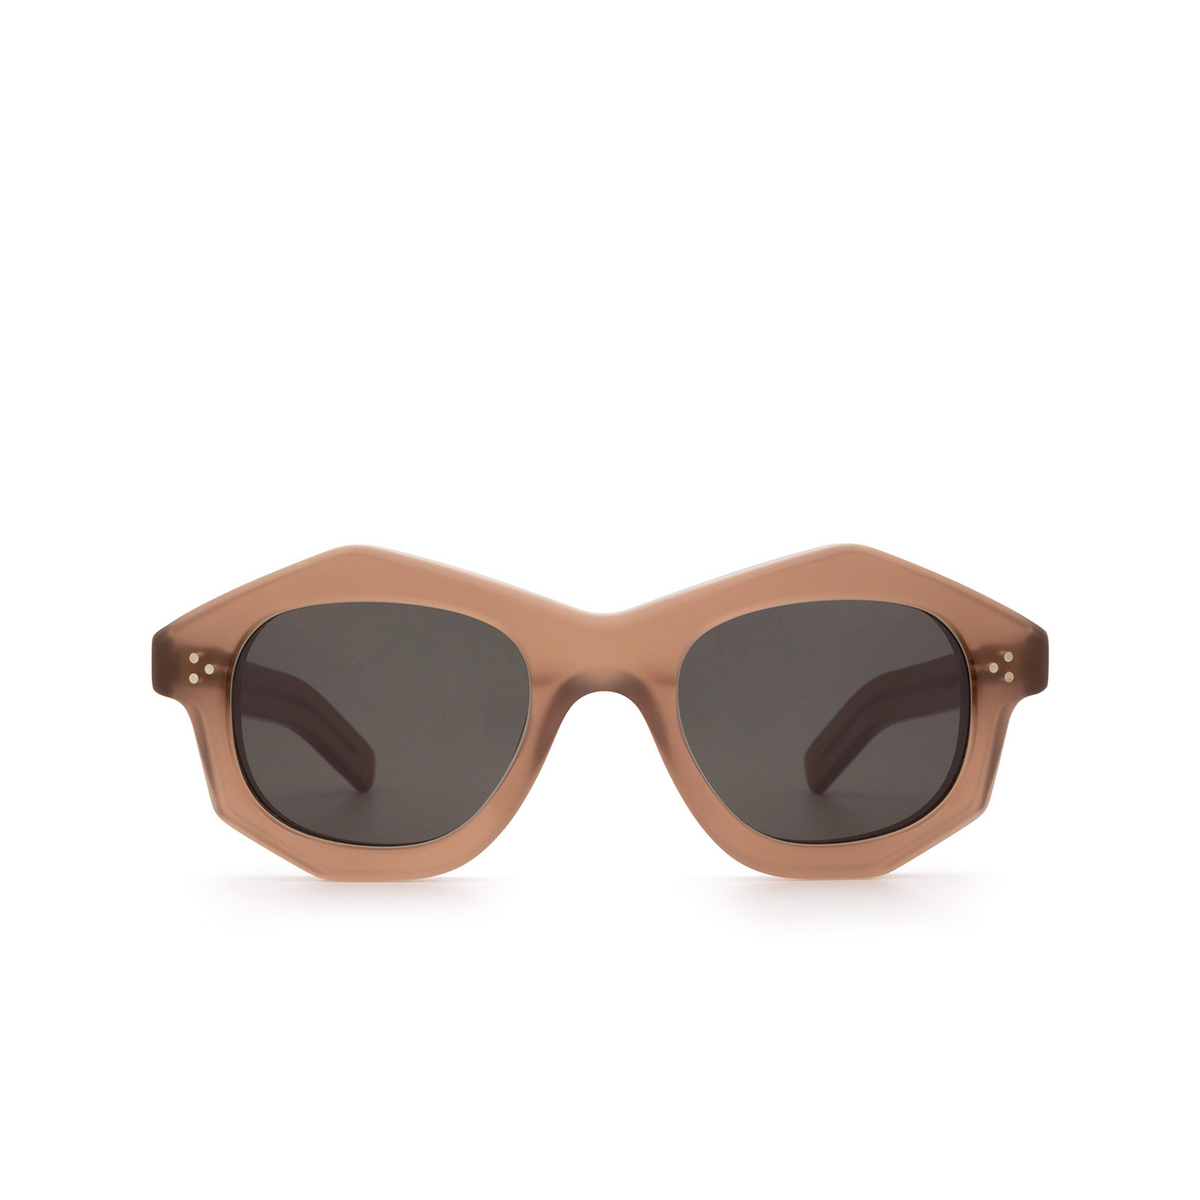 Lesca® Irregular Sunglasses: Dada Sun color Chair Matt 2 - front view.